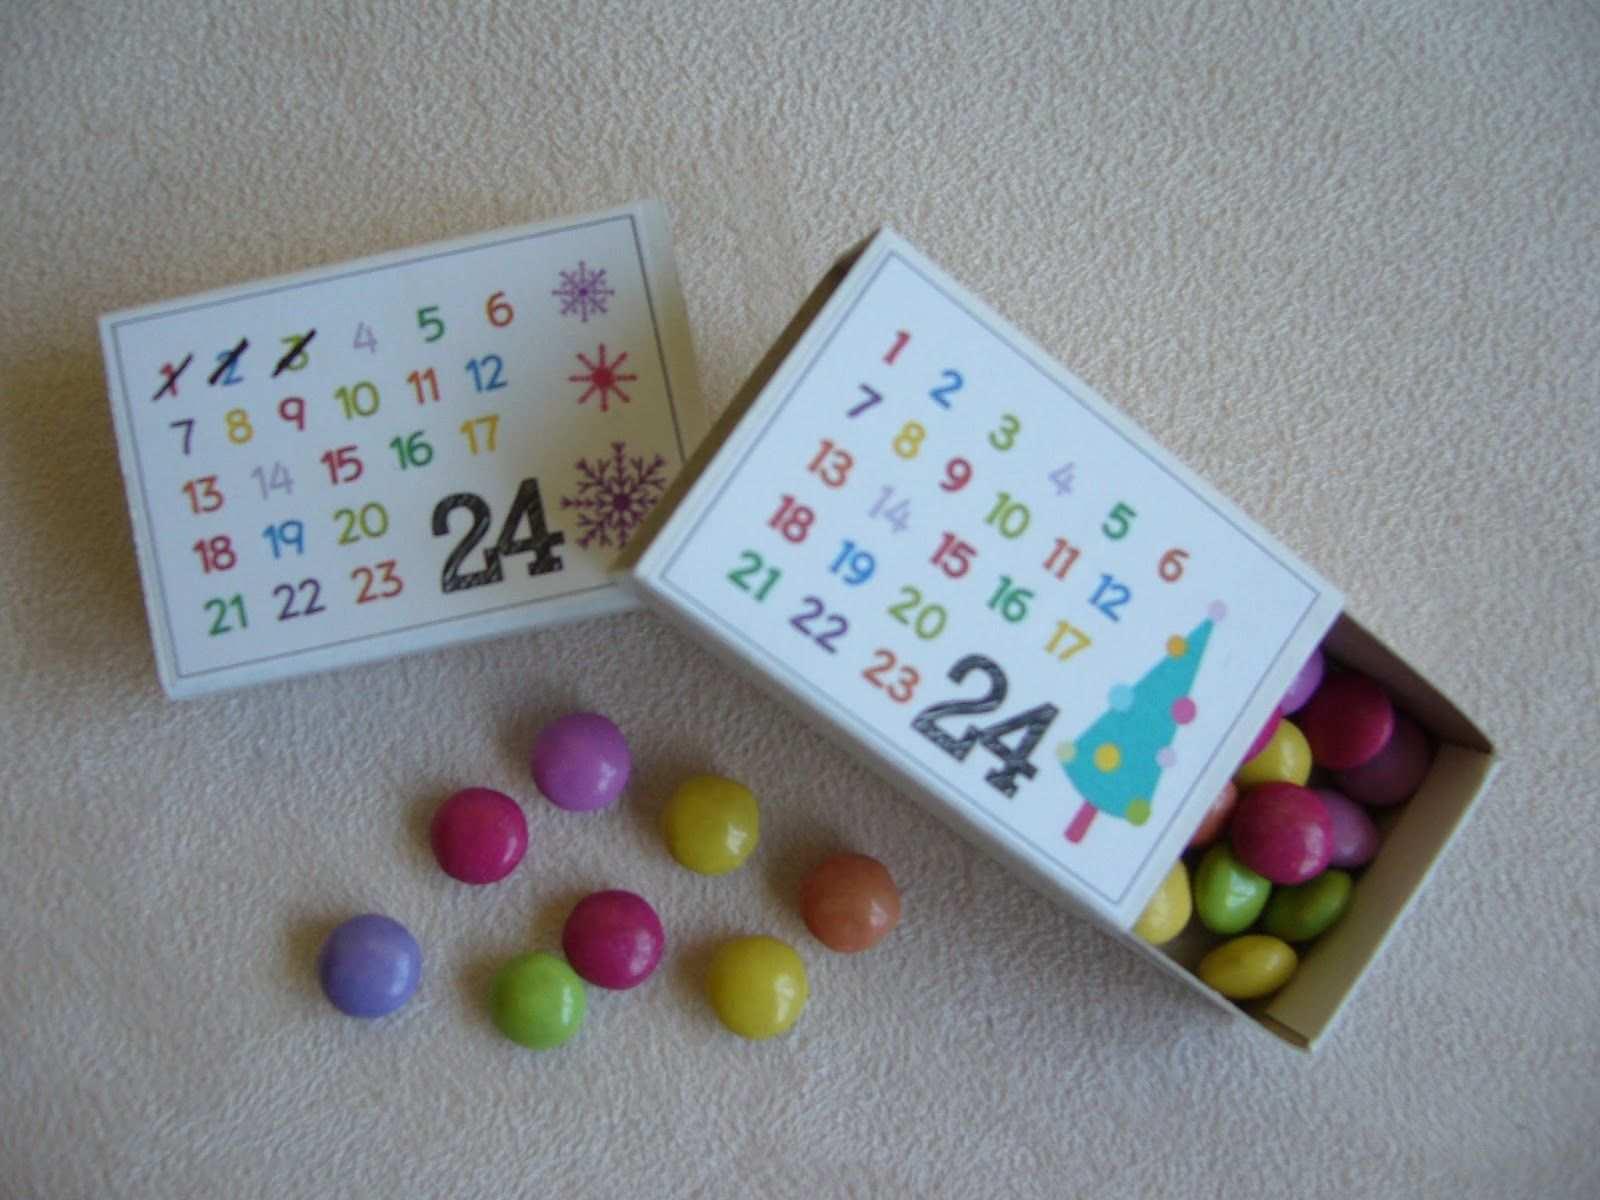 Adventskalenderidee Basteln Weihnachten Adventkalender Geschenke